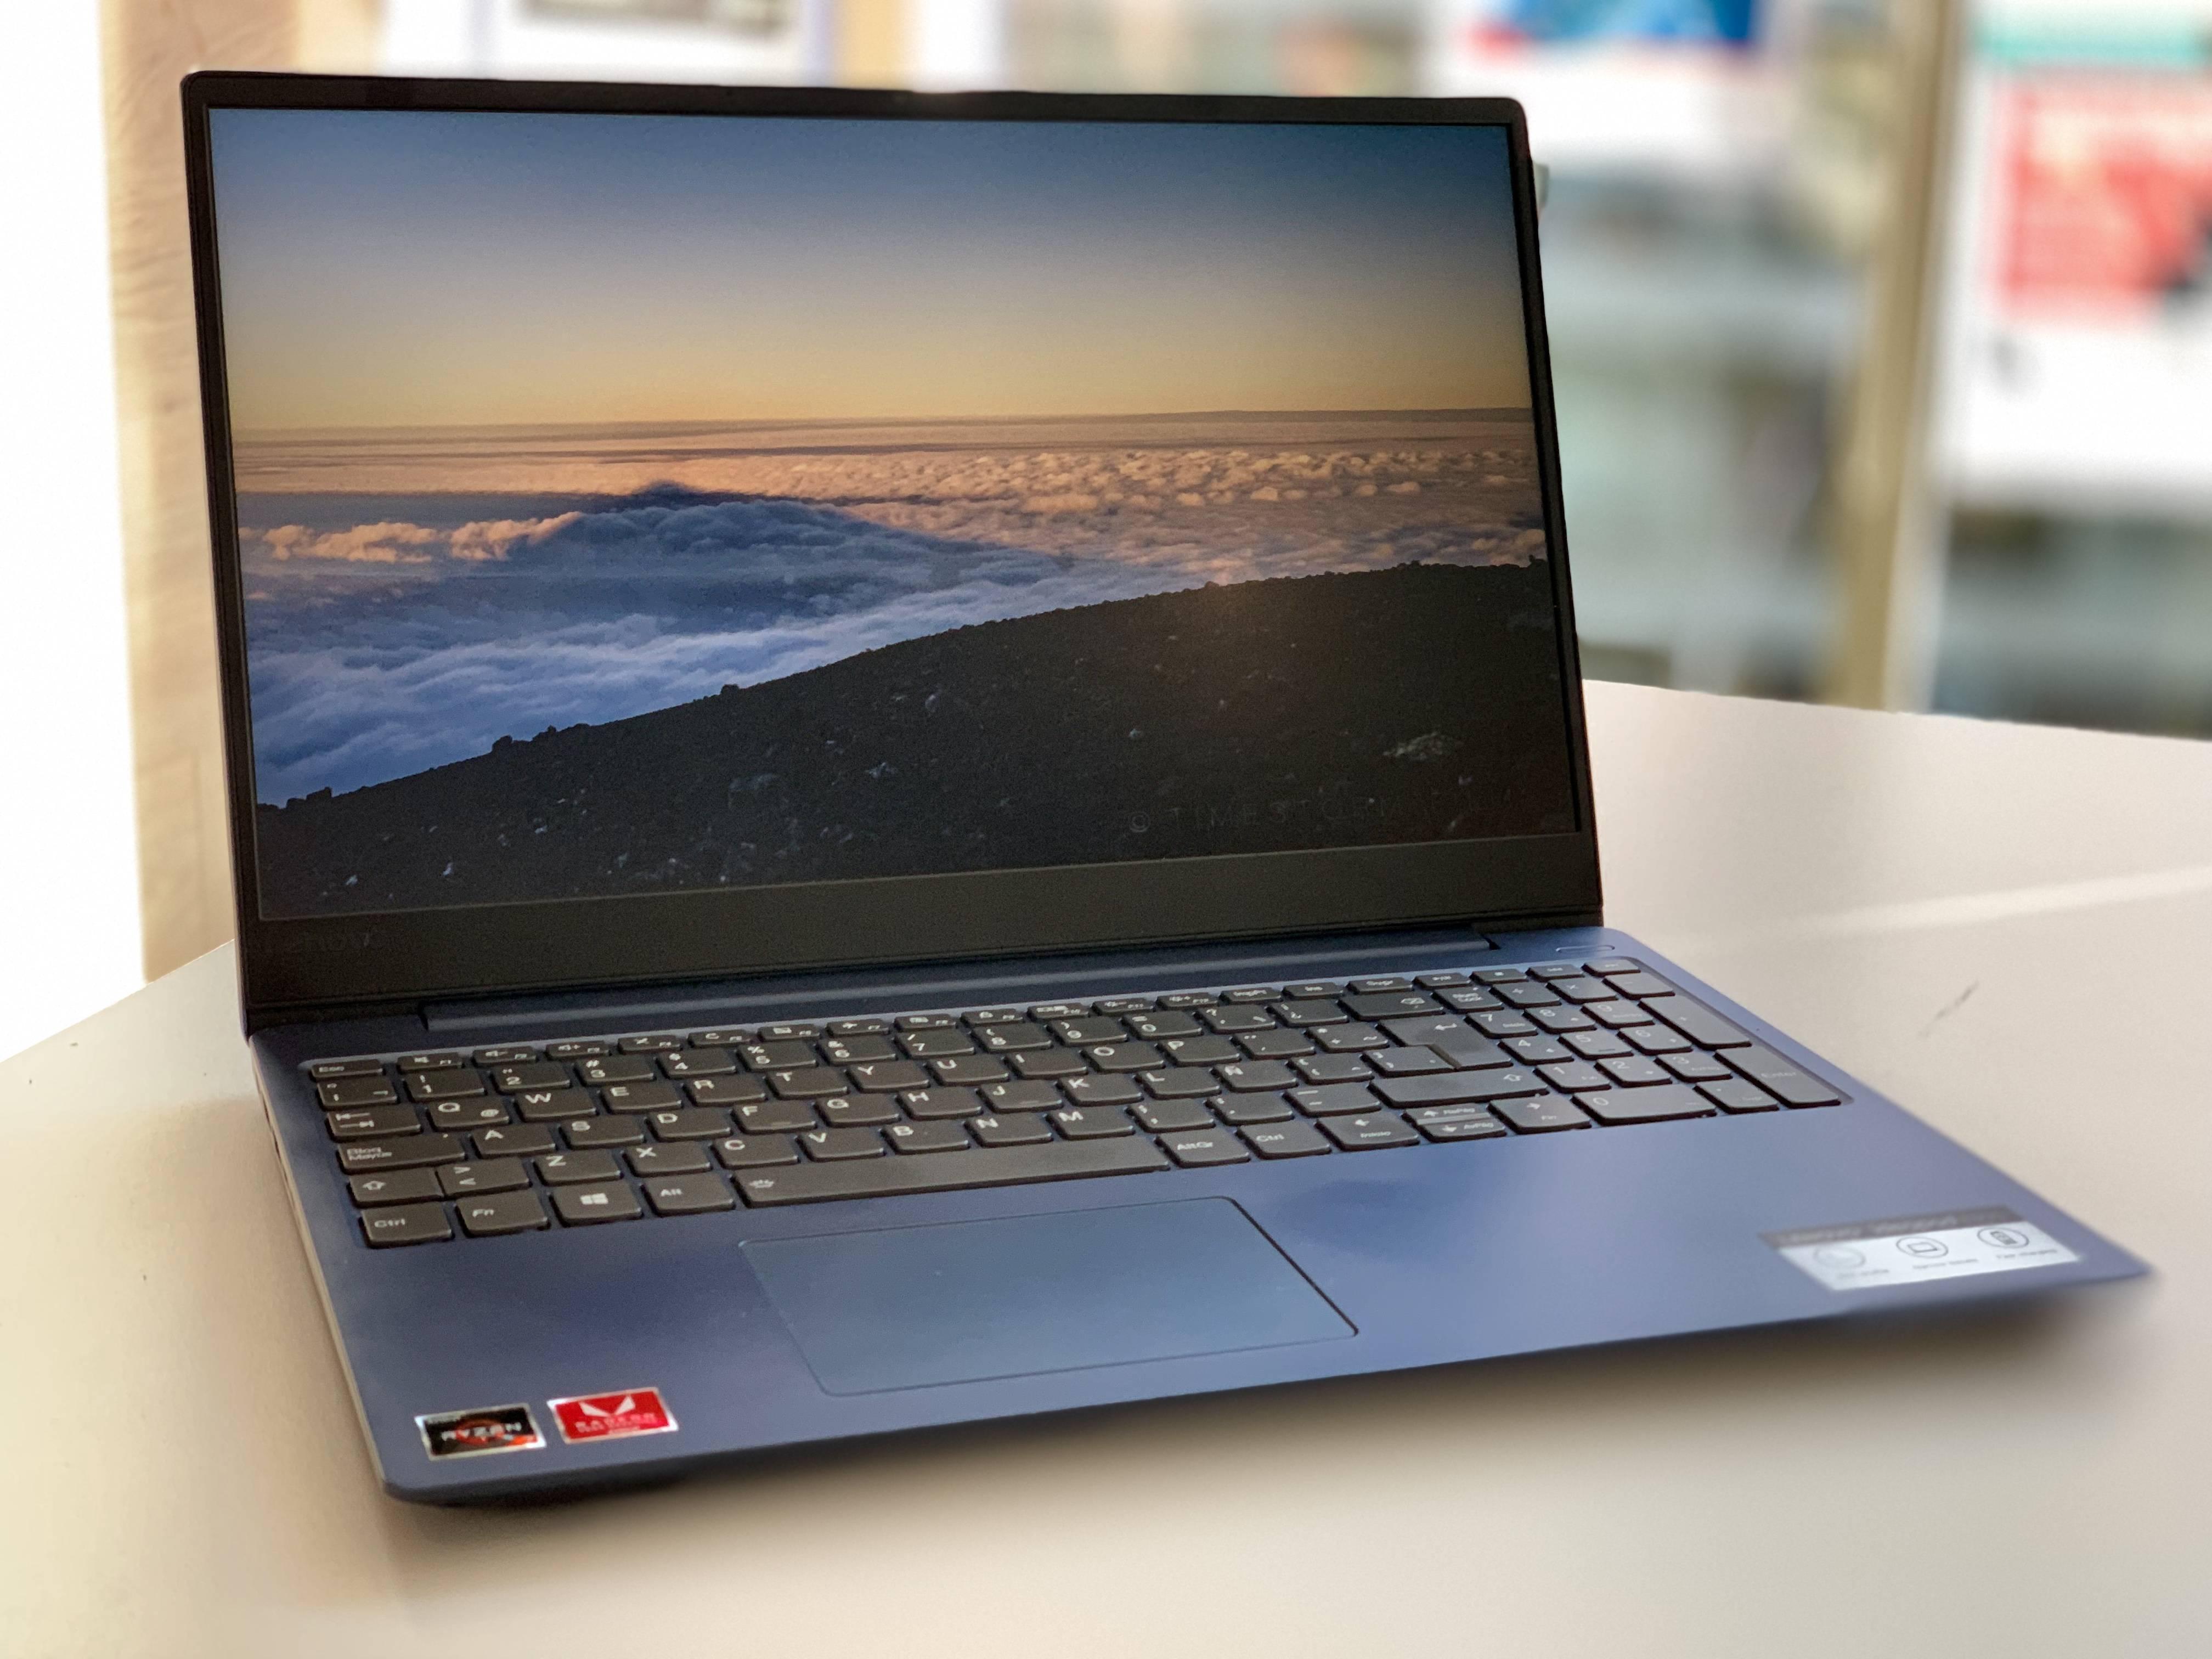 Velocidad y potencia en un cuerpo delgado es lo que ofrece el nuevo Ideapad 330s de Lenovo [FW Labs]